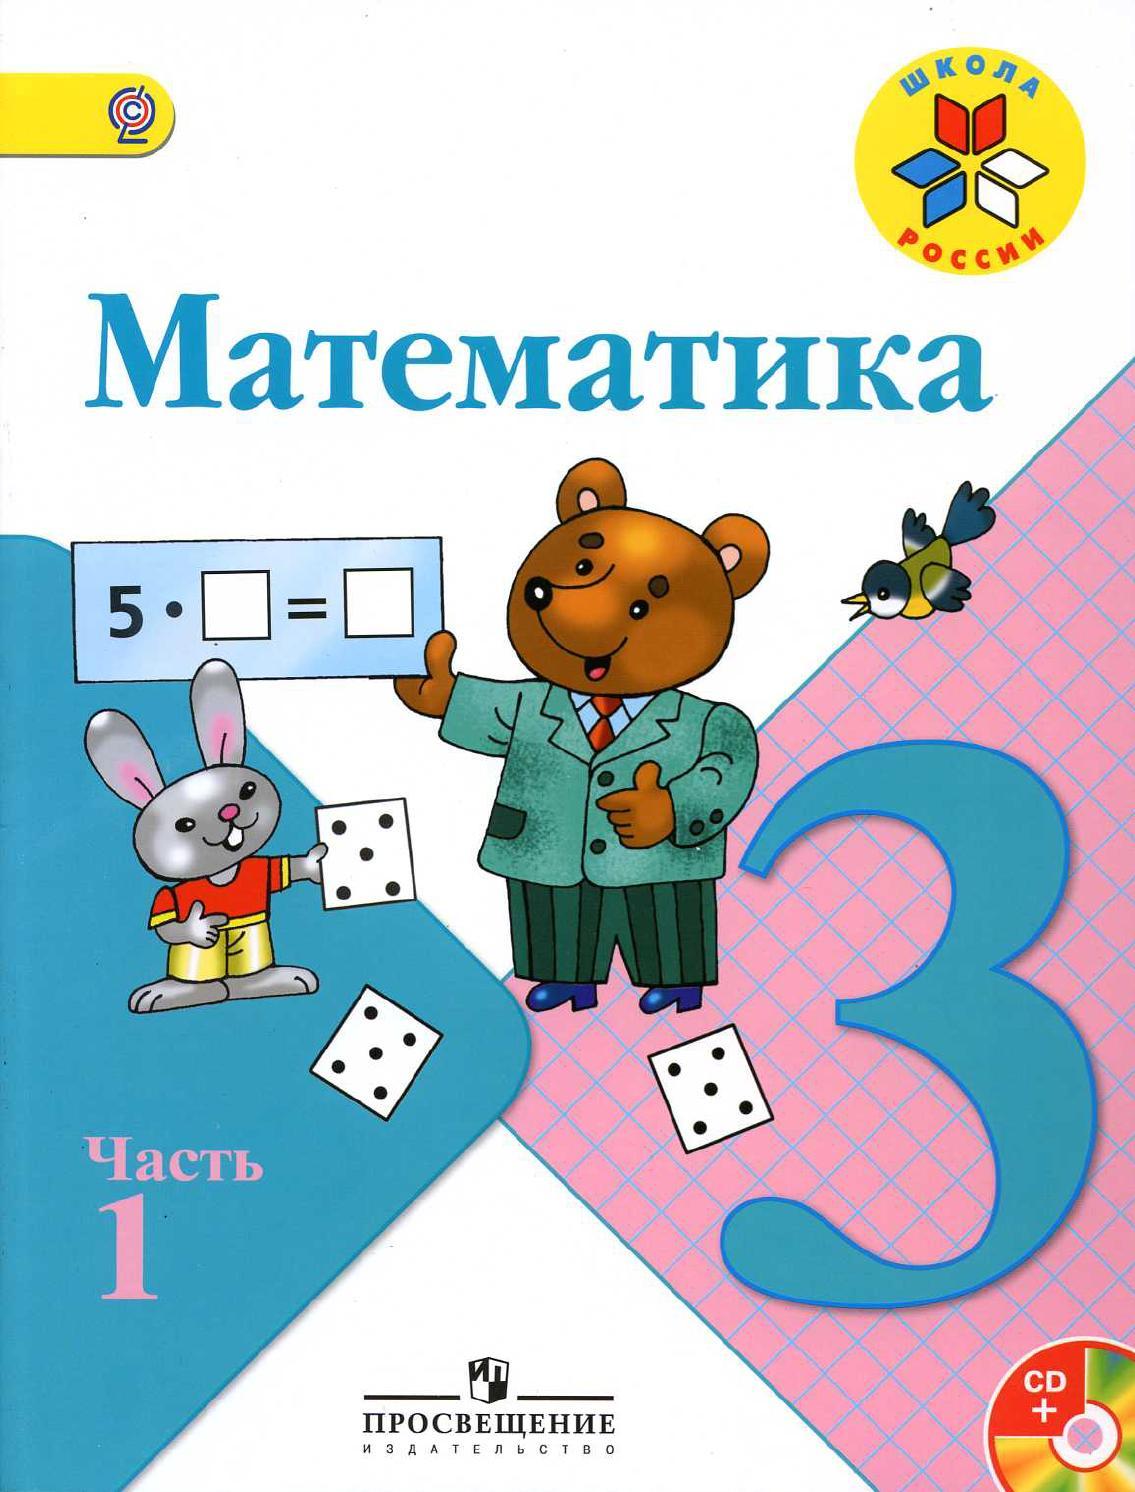 Школа россии гдз математика 3 класс скачать